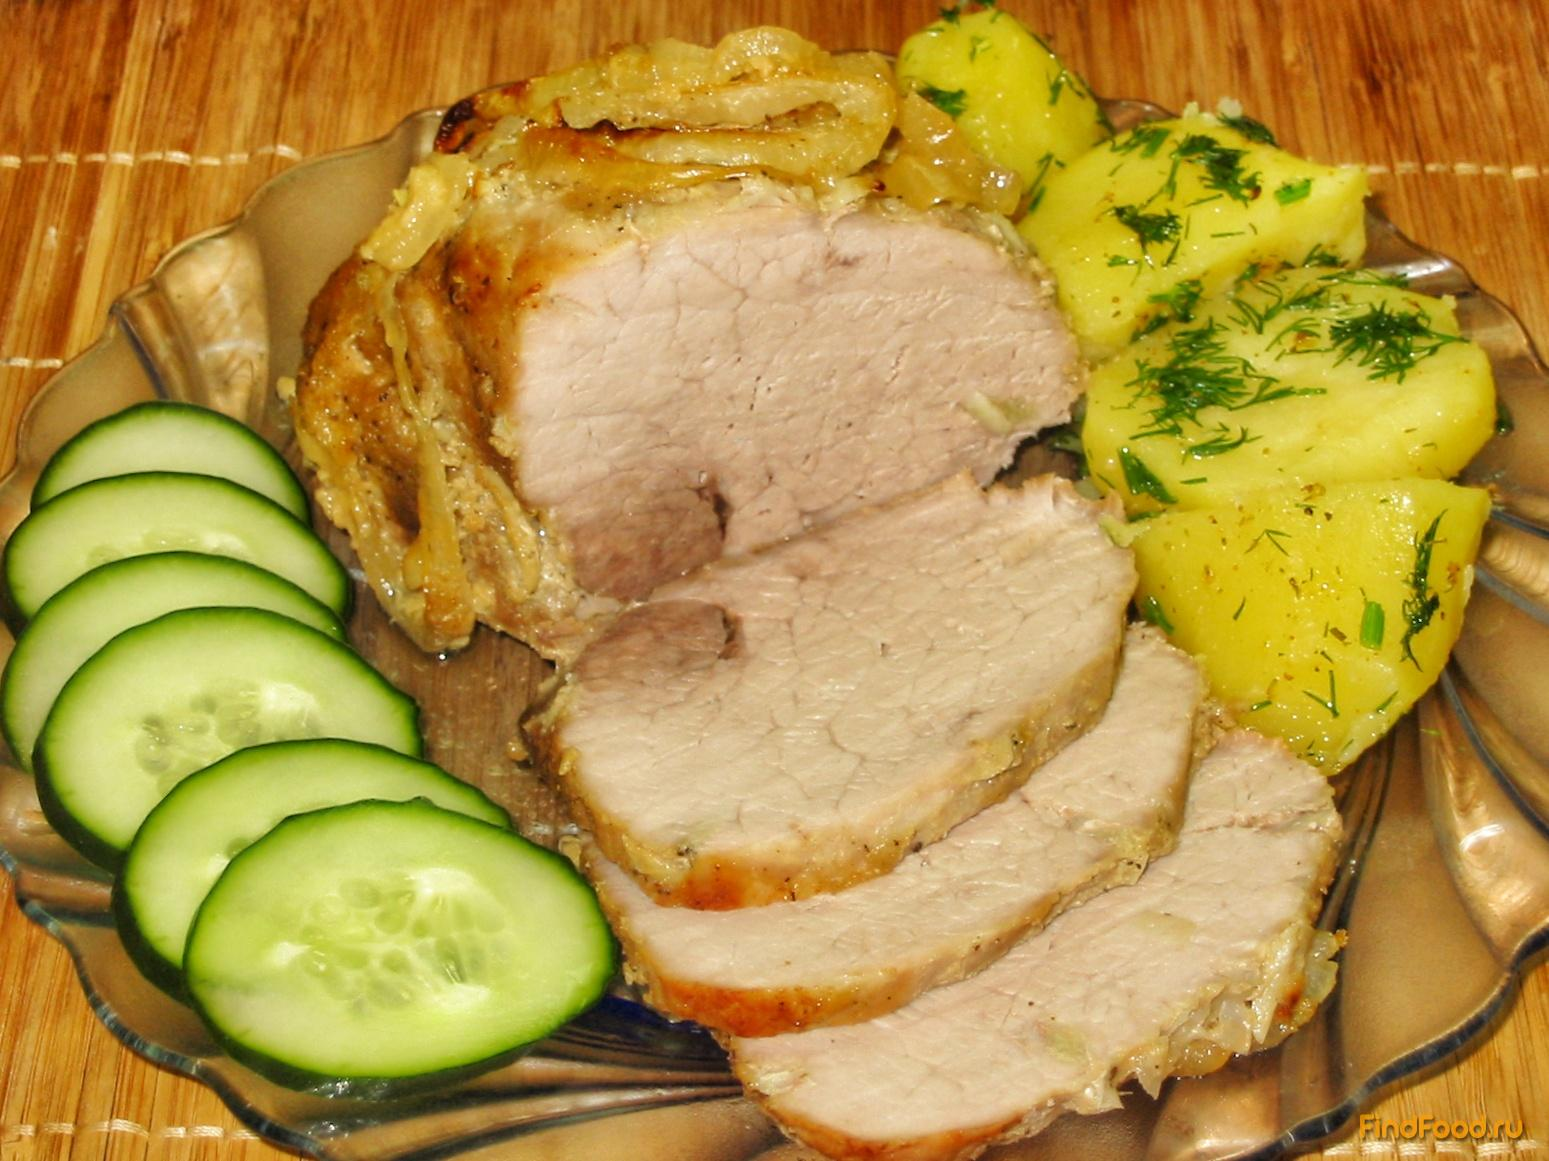 запечь окорок свиной в духовке в фольге рецепт